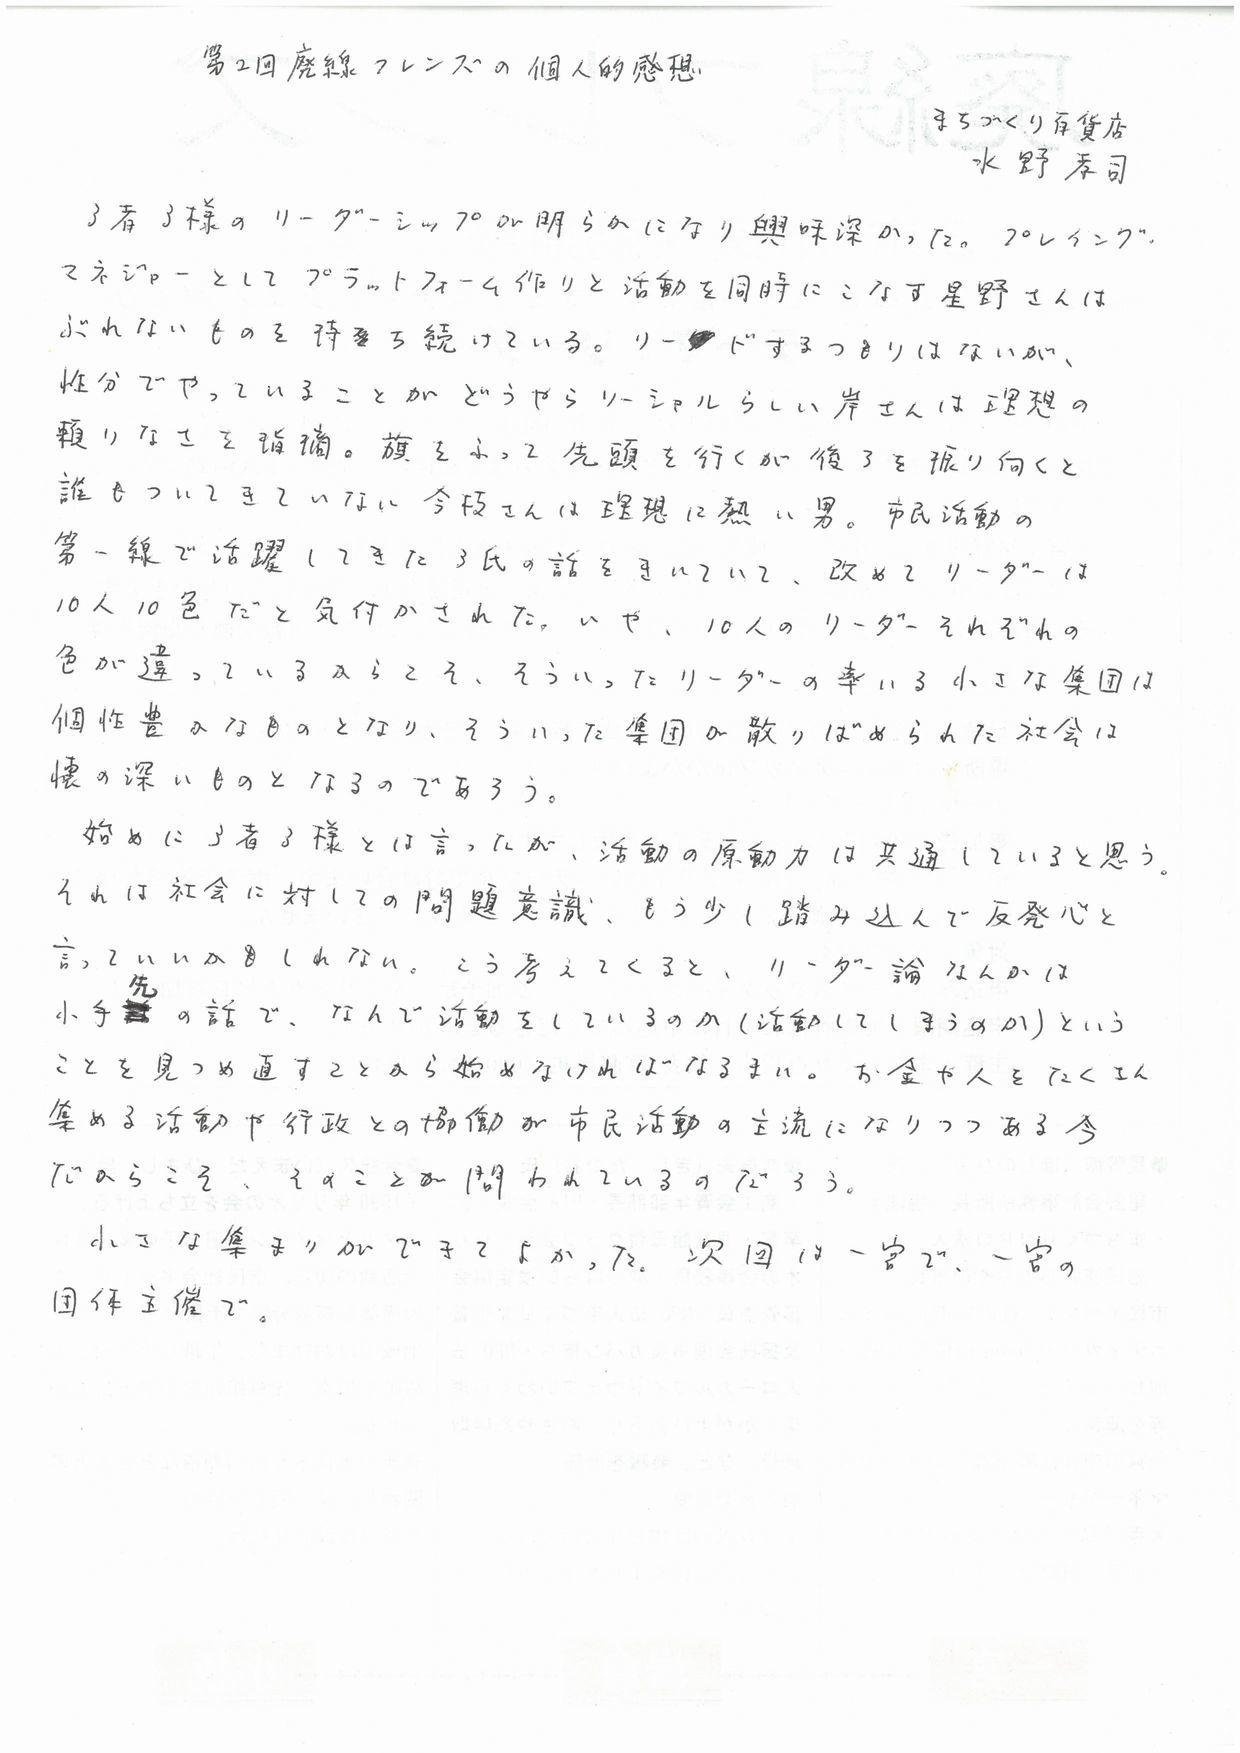 廃線フレンズまとめ(水野孝司氏による)_b0151508_10144125.jpg